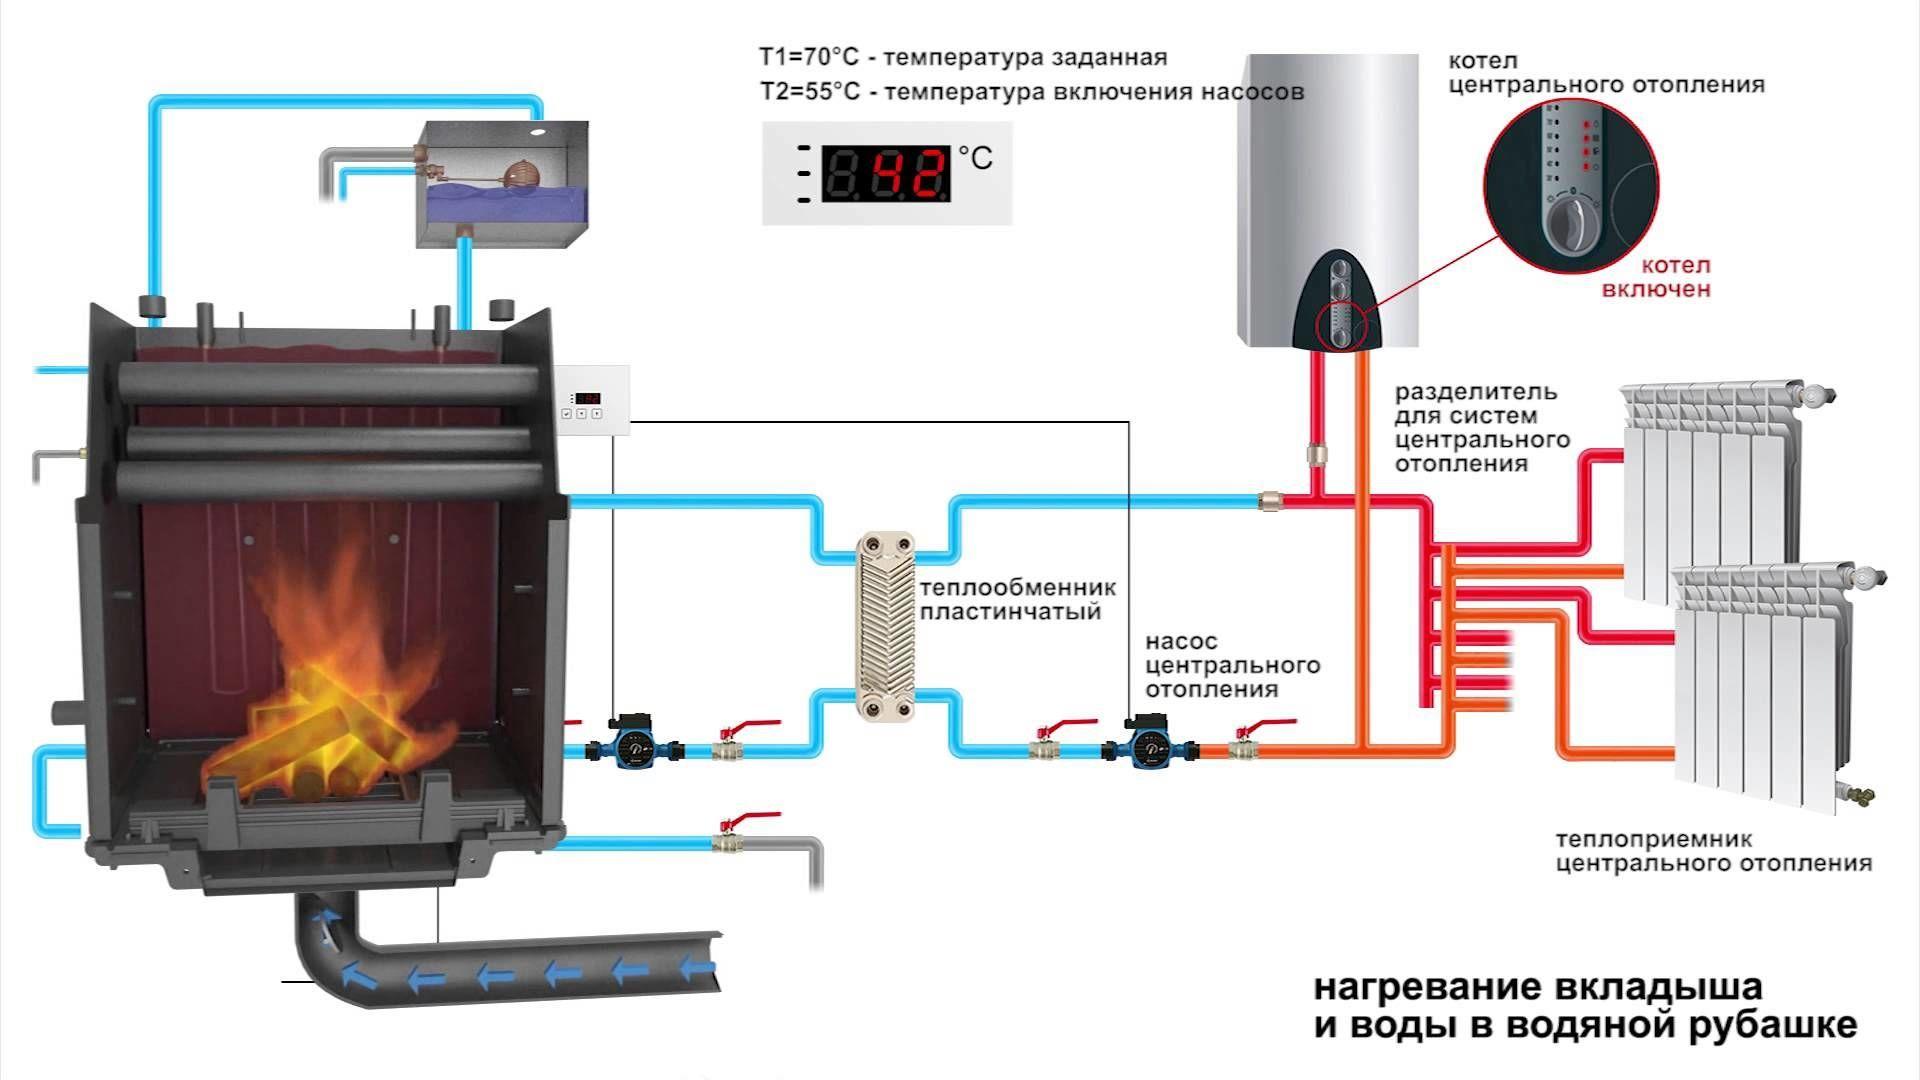 Камин подключенный к системе отопления